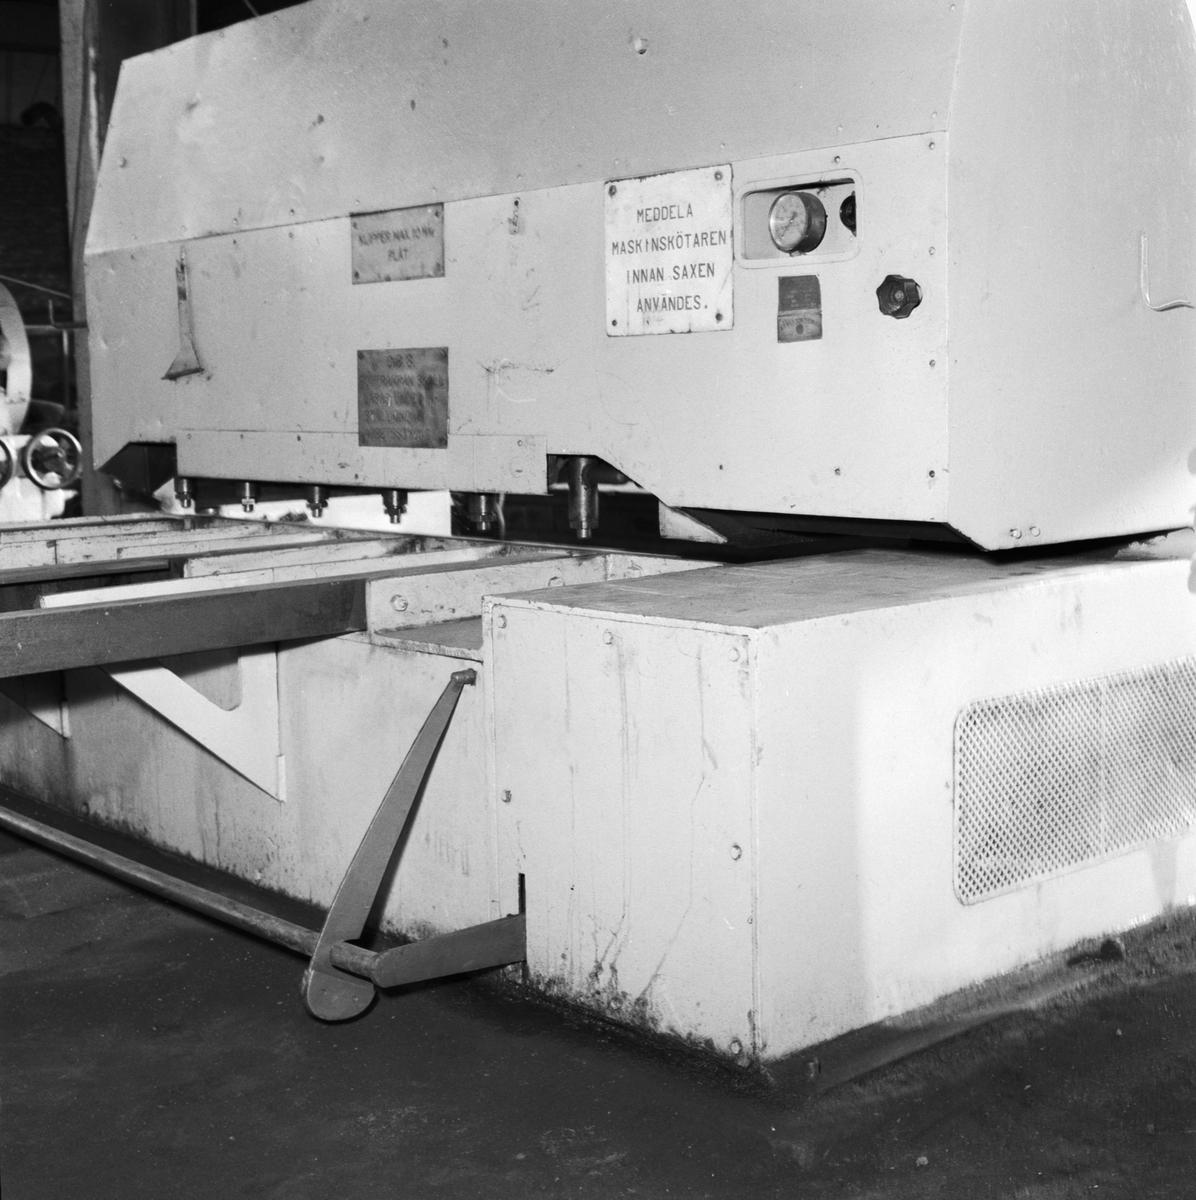 Övrigt: Foto datum: 30/1 1958 Byggnader och kranar Spärr till plåtsax i plåthallen